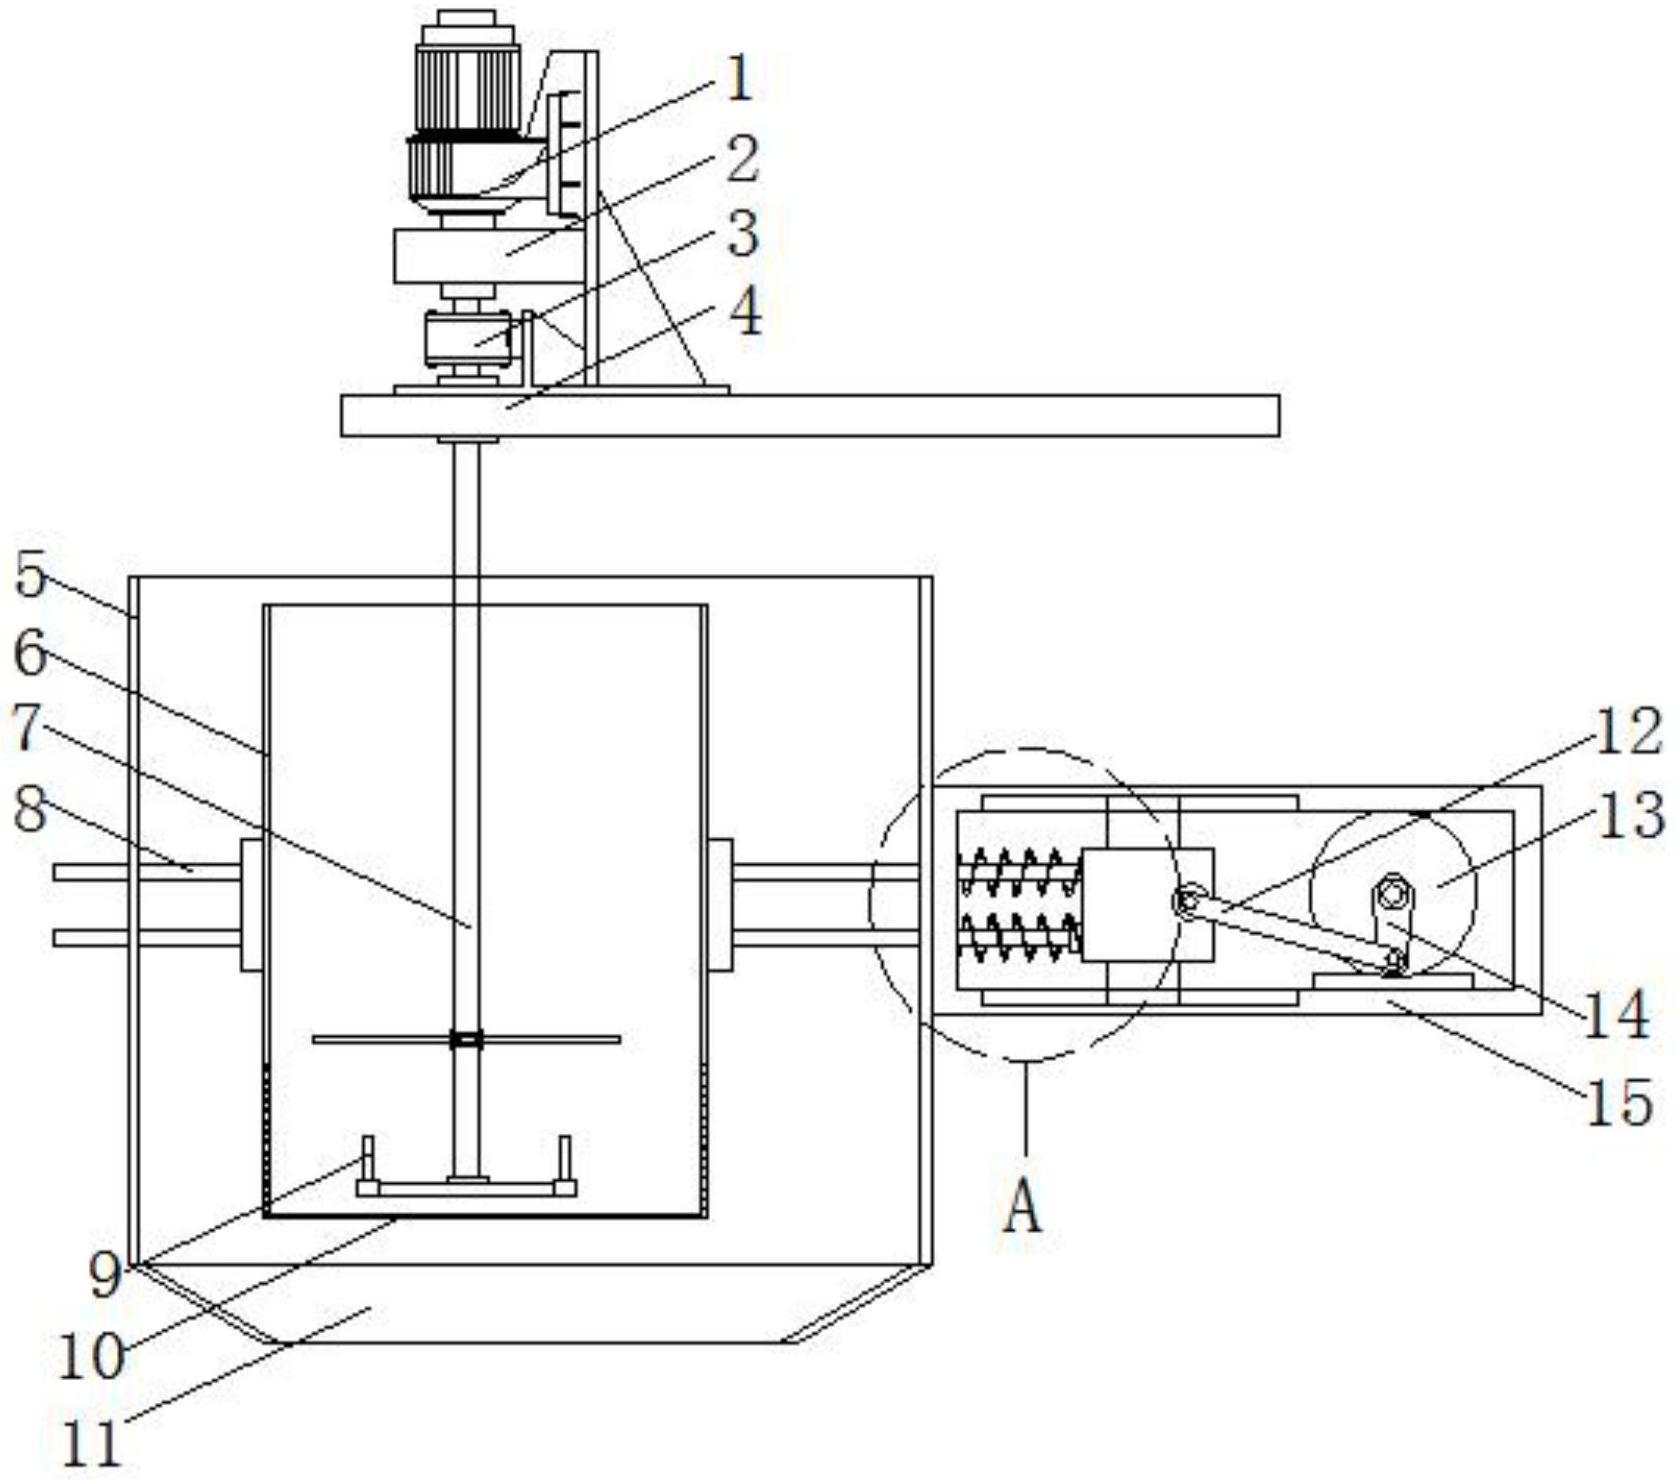 一种过氧化碳酸酰胺生产用原料筛选设备